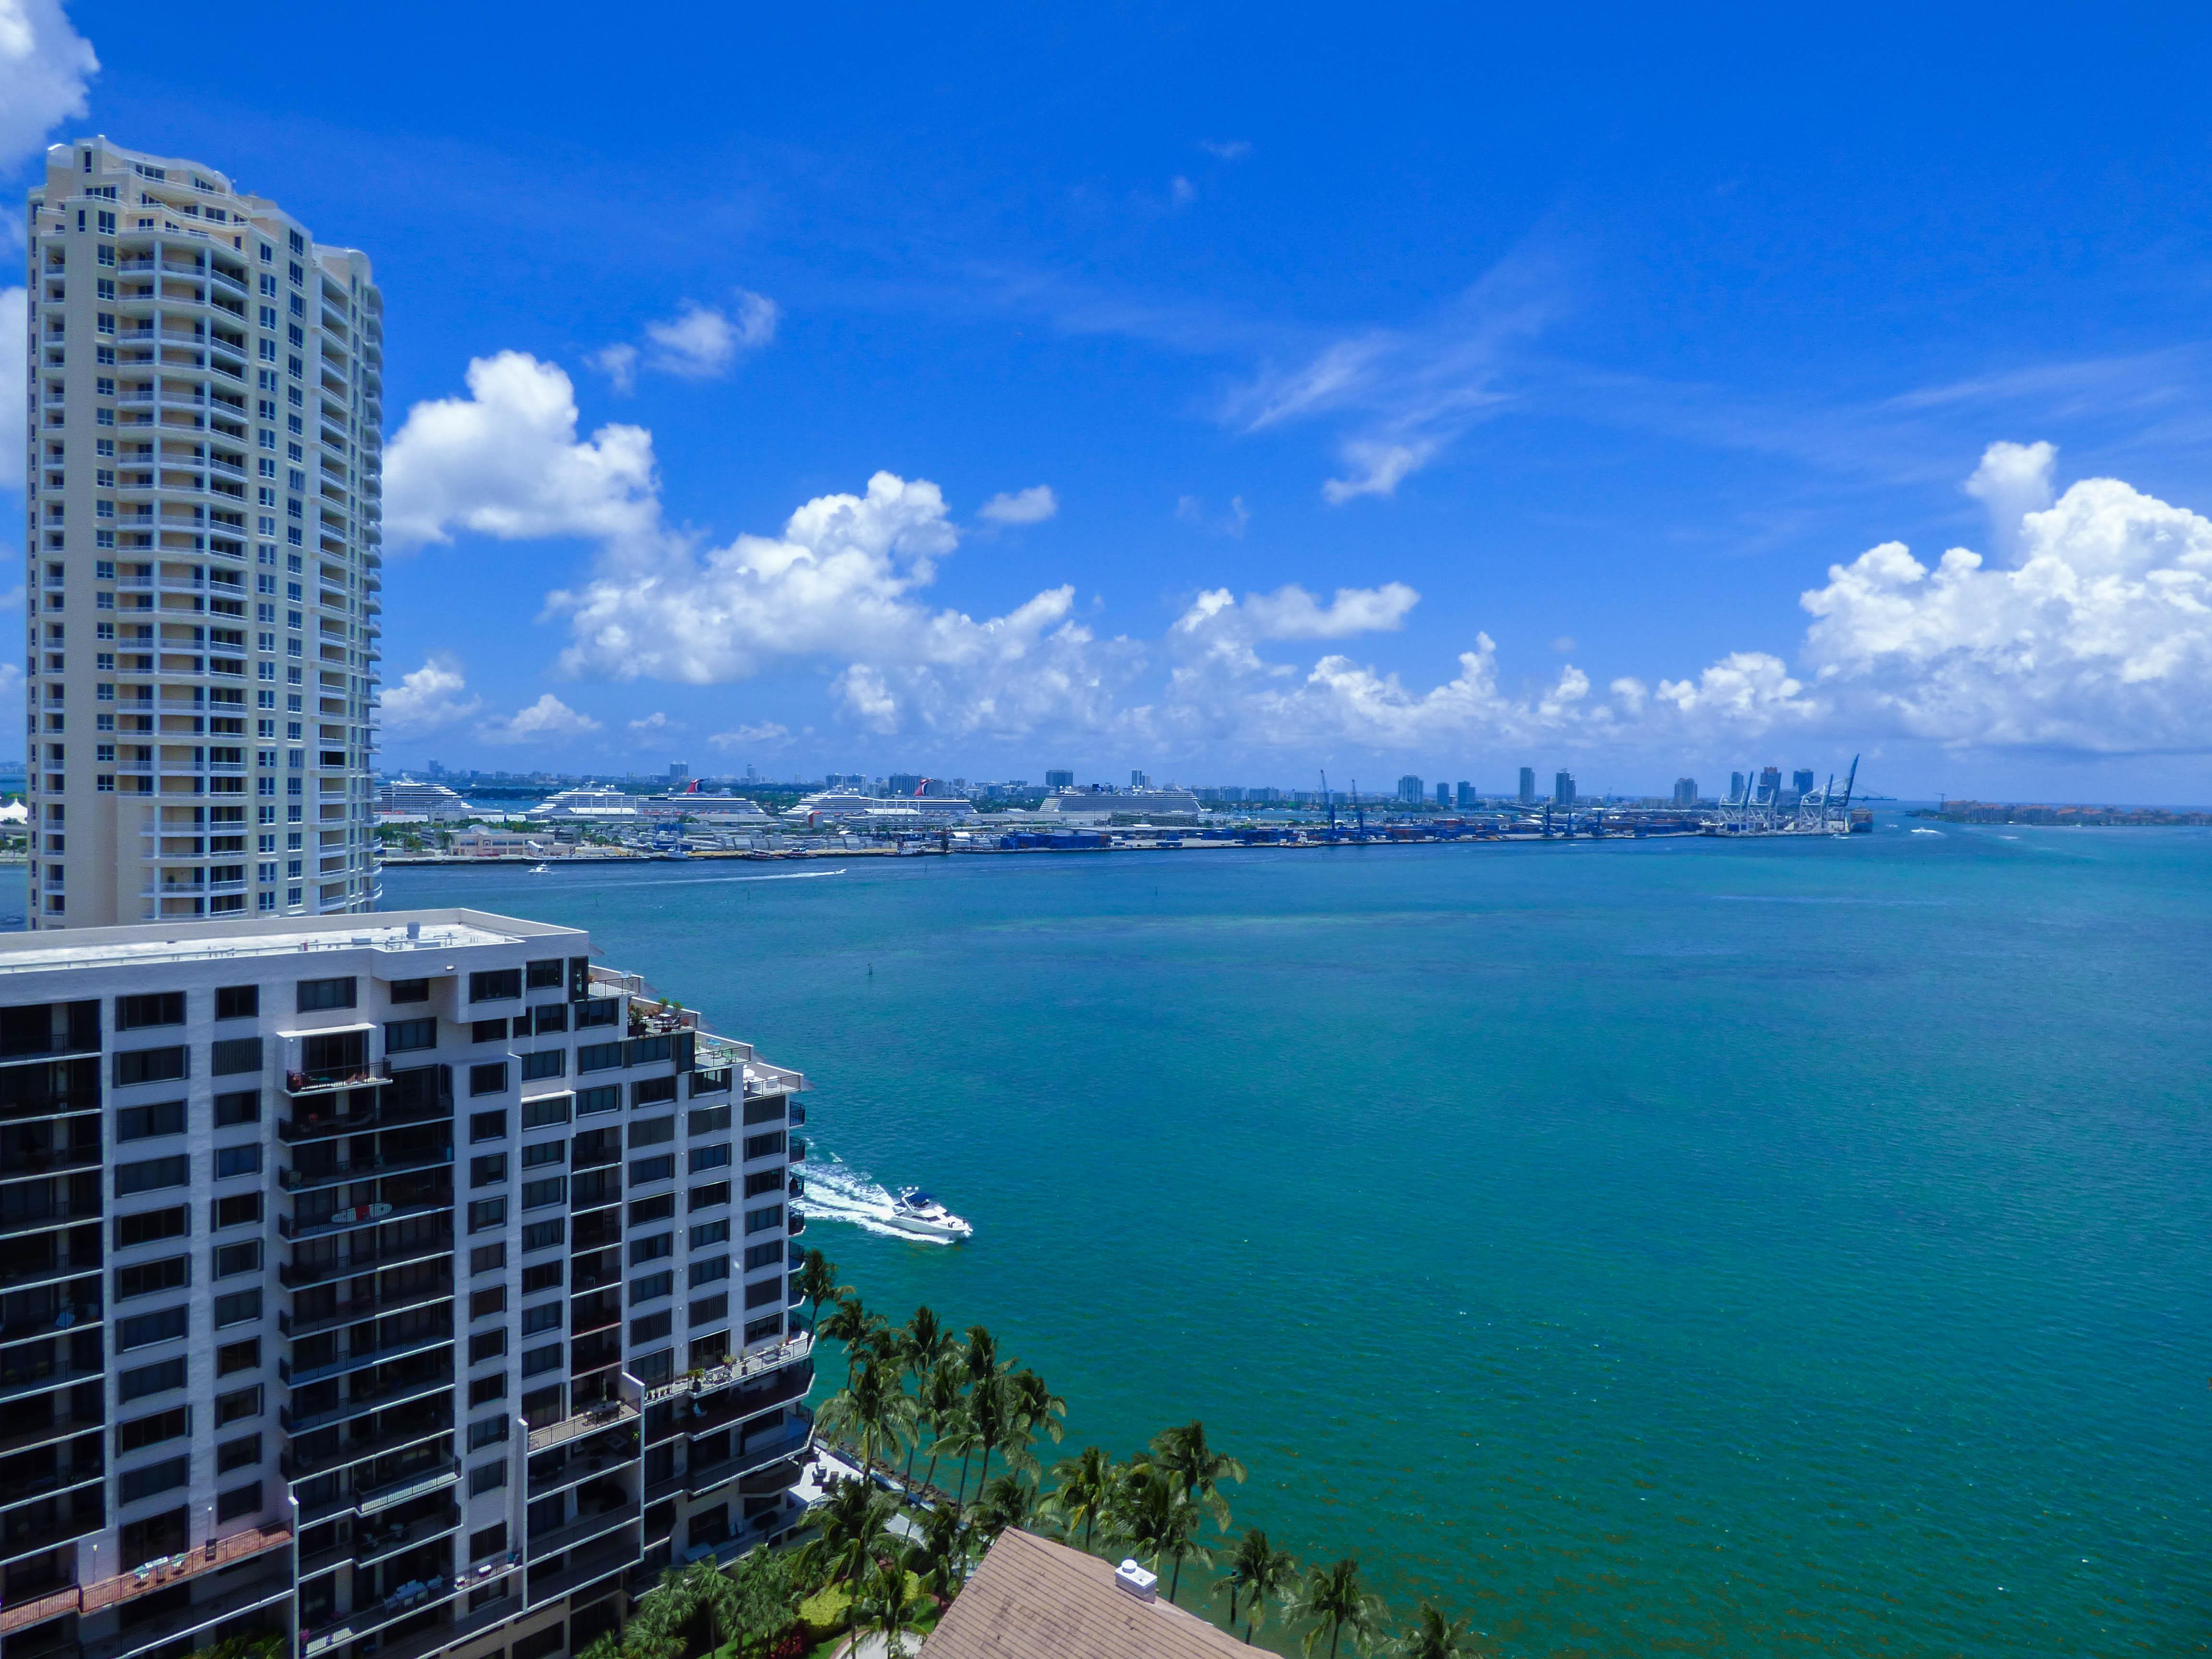 Eigentumswohnung für Verkauf beim 520 Brickell Key Dr #Aph02 520 Brickell Key Dr APH02 Miami, Florida, 33131 Vereinigte Staaten